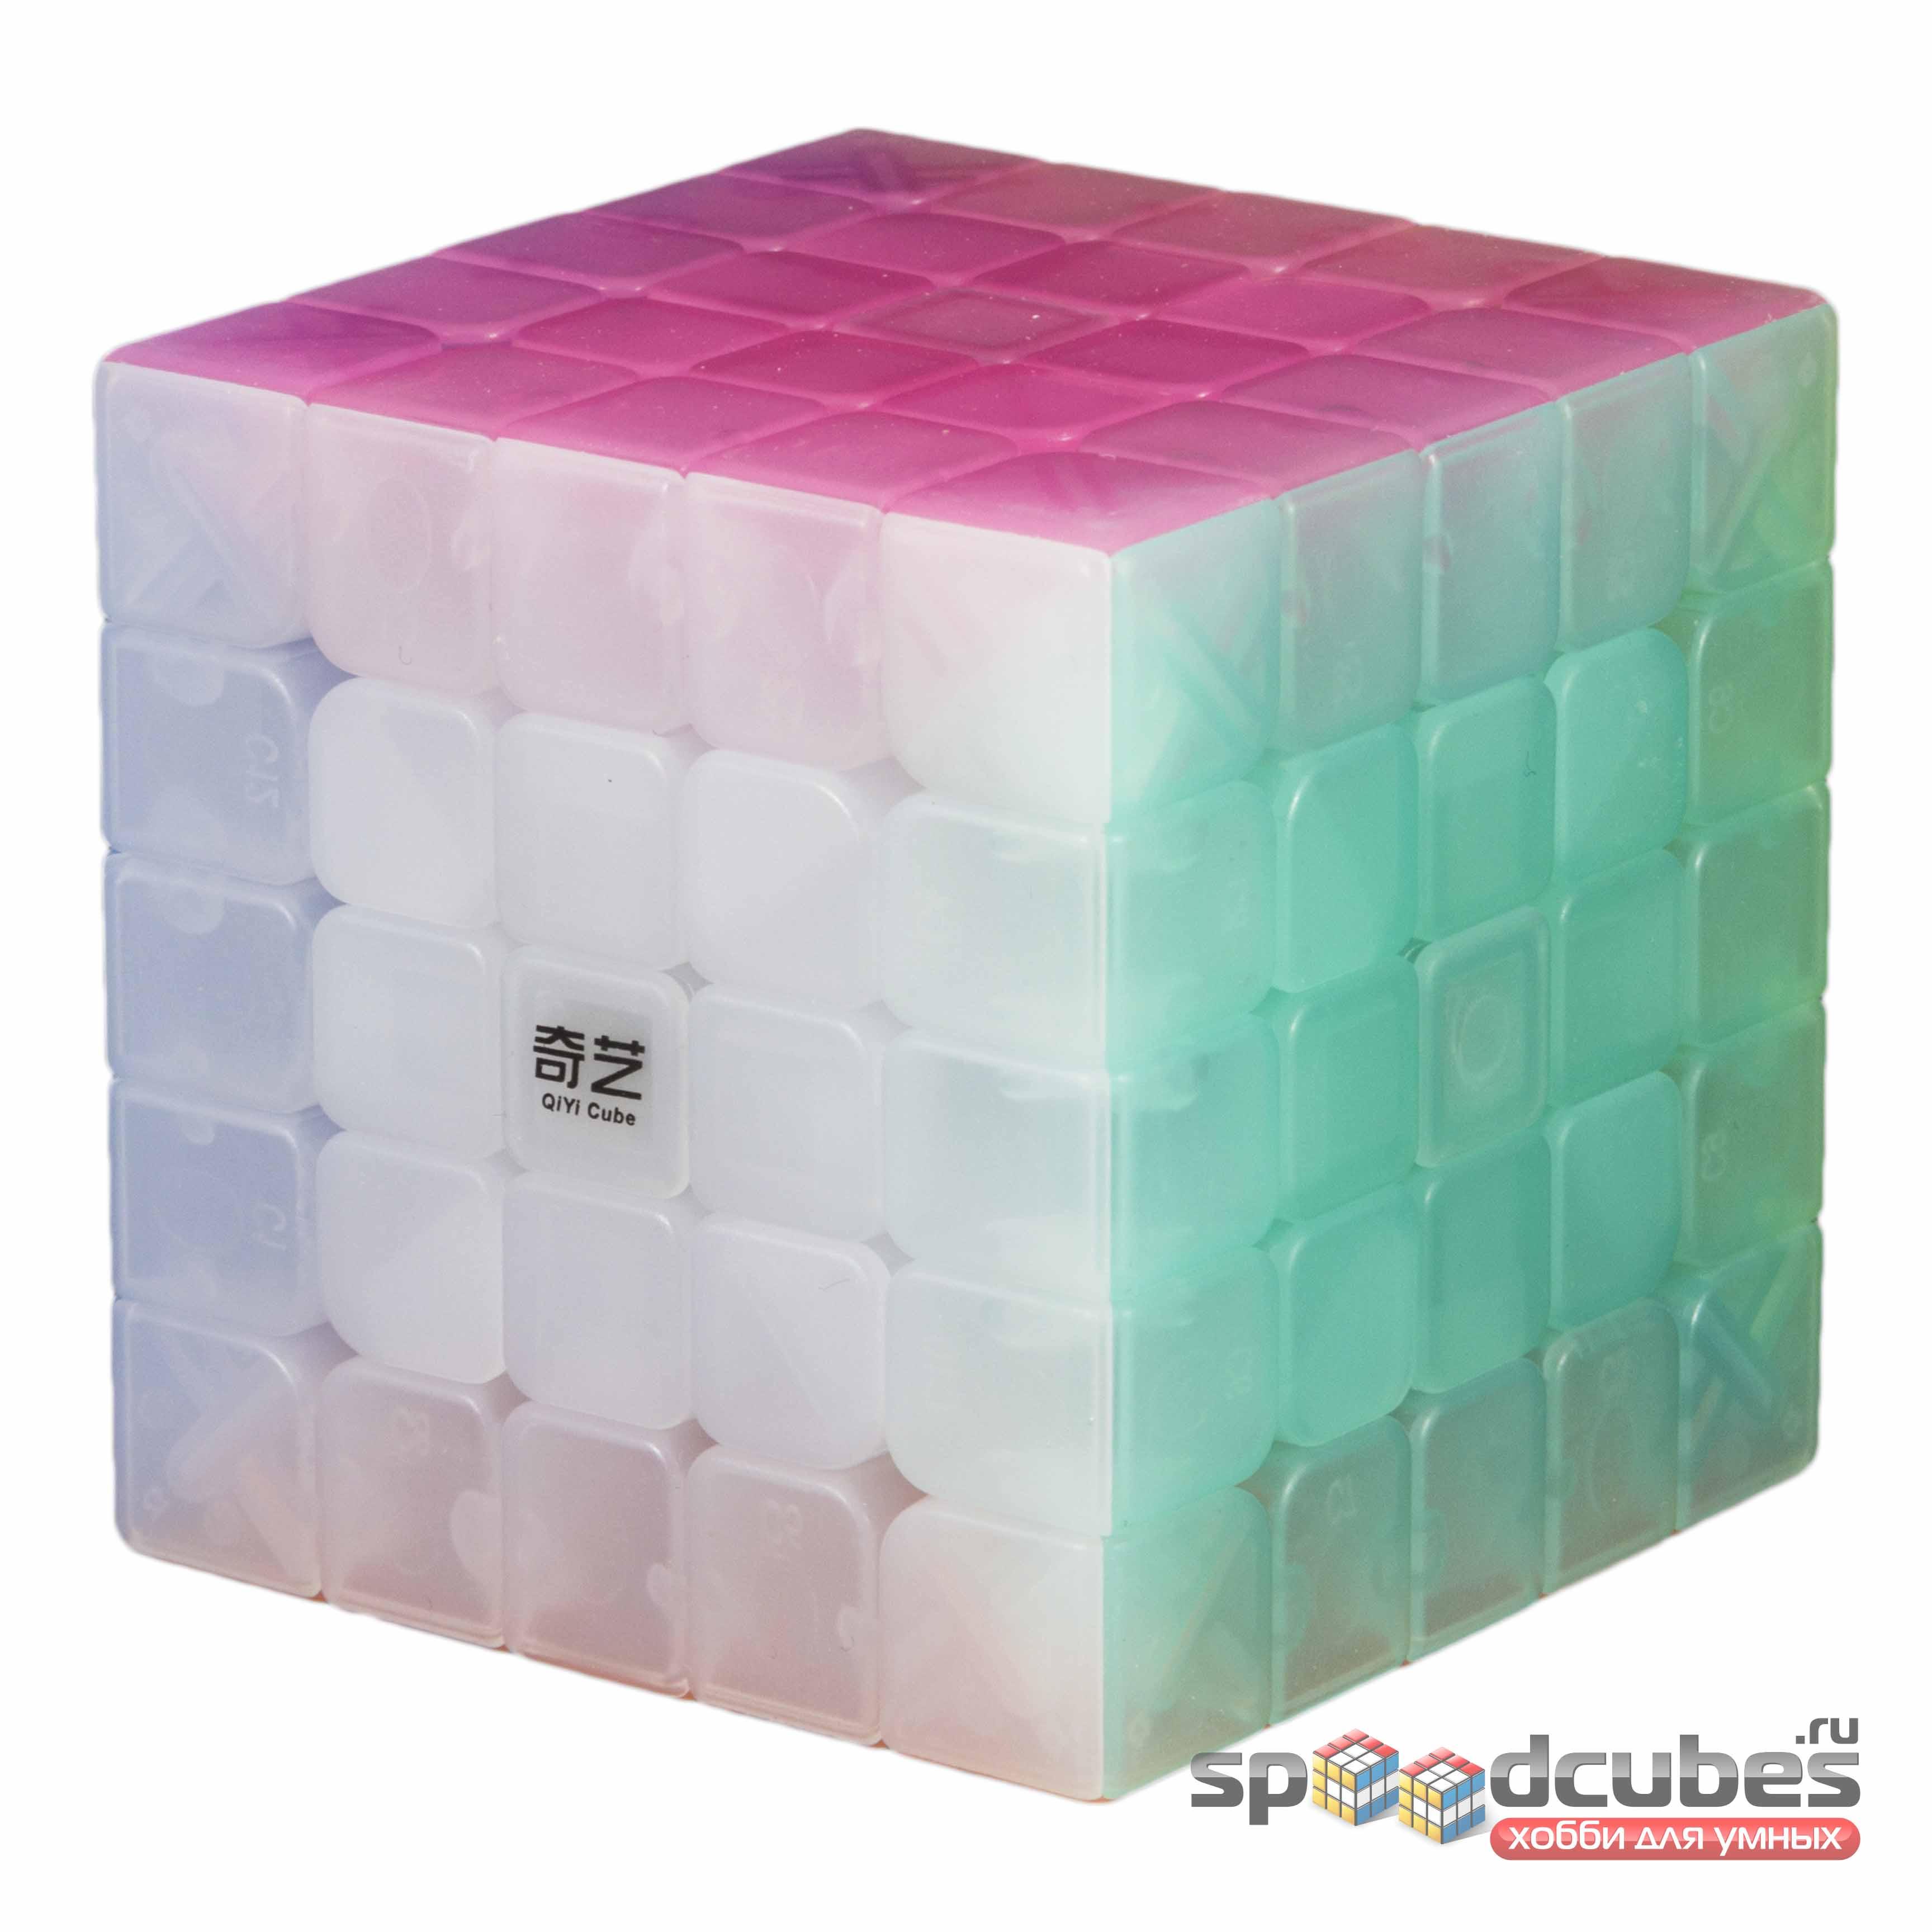 QiYi (MoFangGe) 5x5x5 Jelly Cube 2